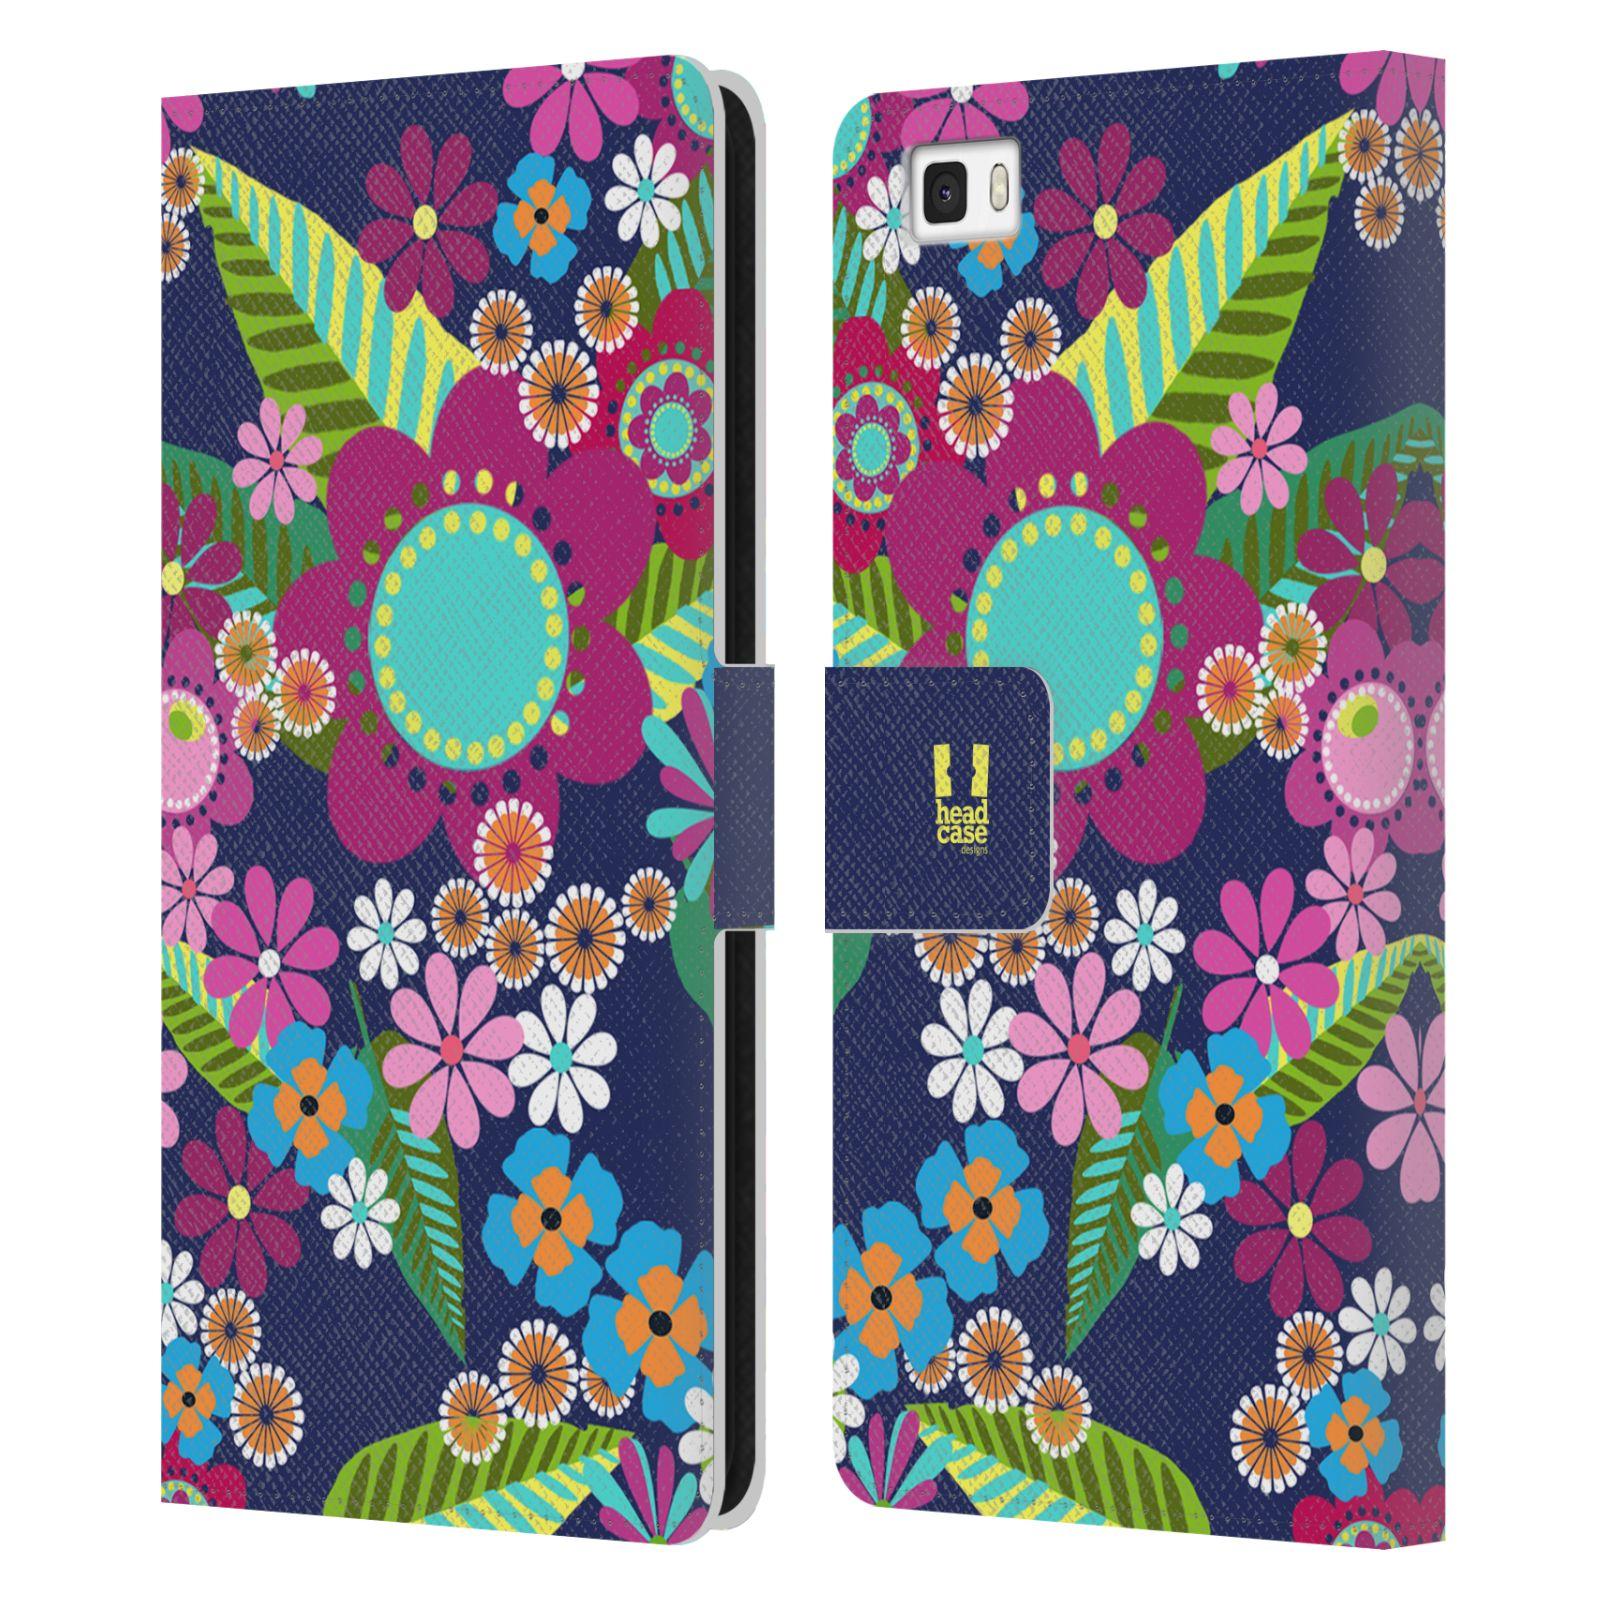 HEAD CASE Flipové pouzdro pro mobil Huawei P8 LITE BOTANIKA barevné květy modrá